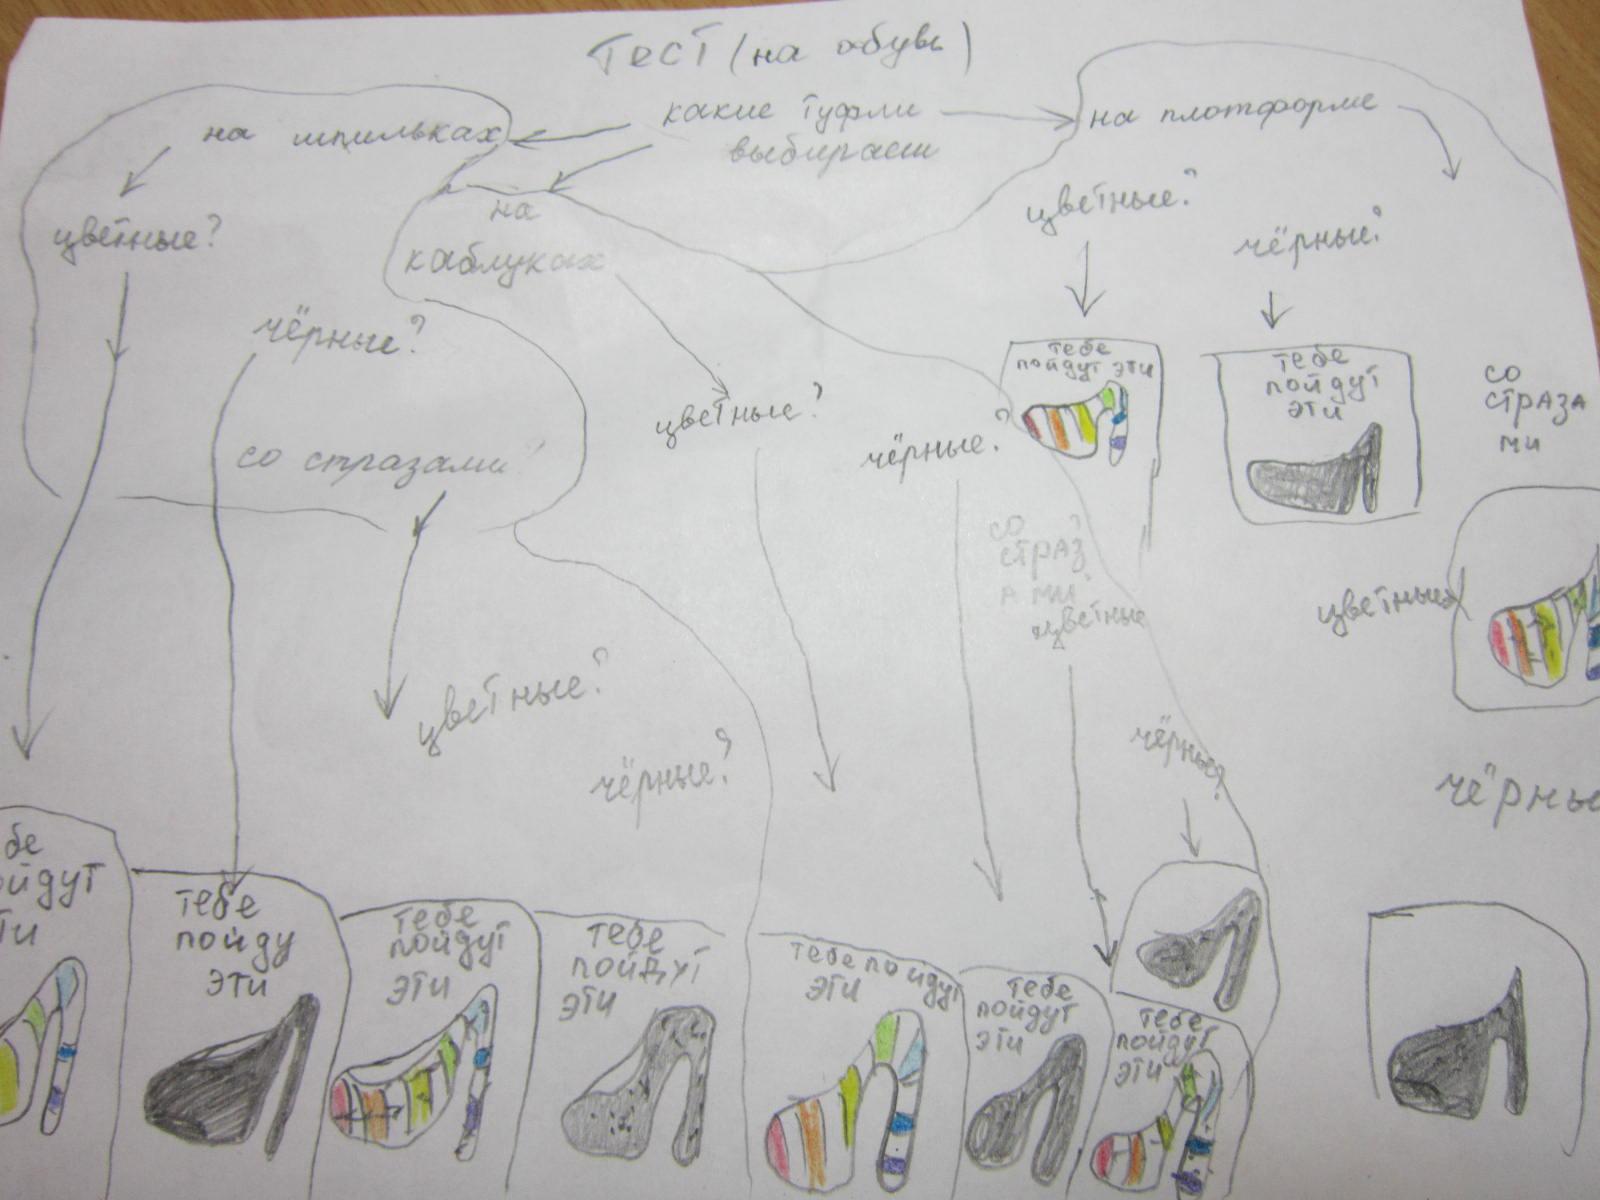 C:\Users\User\Desktop\Дети школы для проекта обувь\Изображение 032.jpg